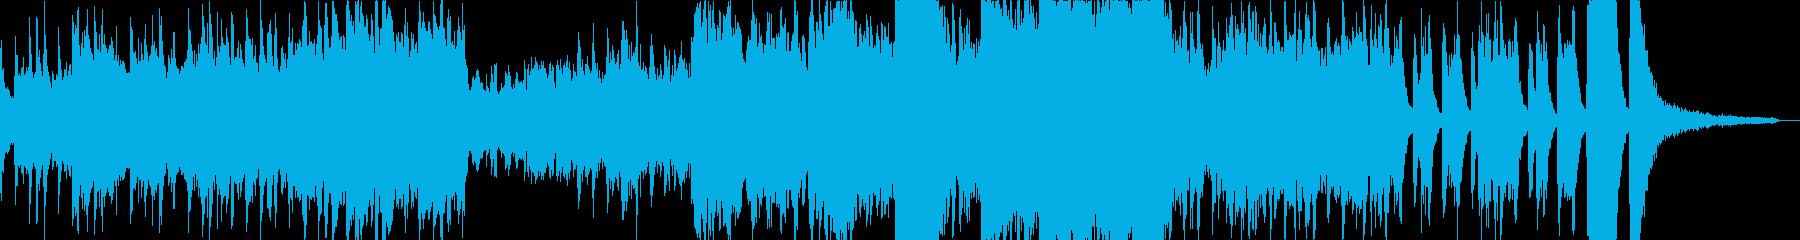 華やかにオープニングを飾るオーケストラBの再生済みの波形